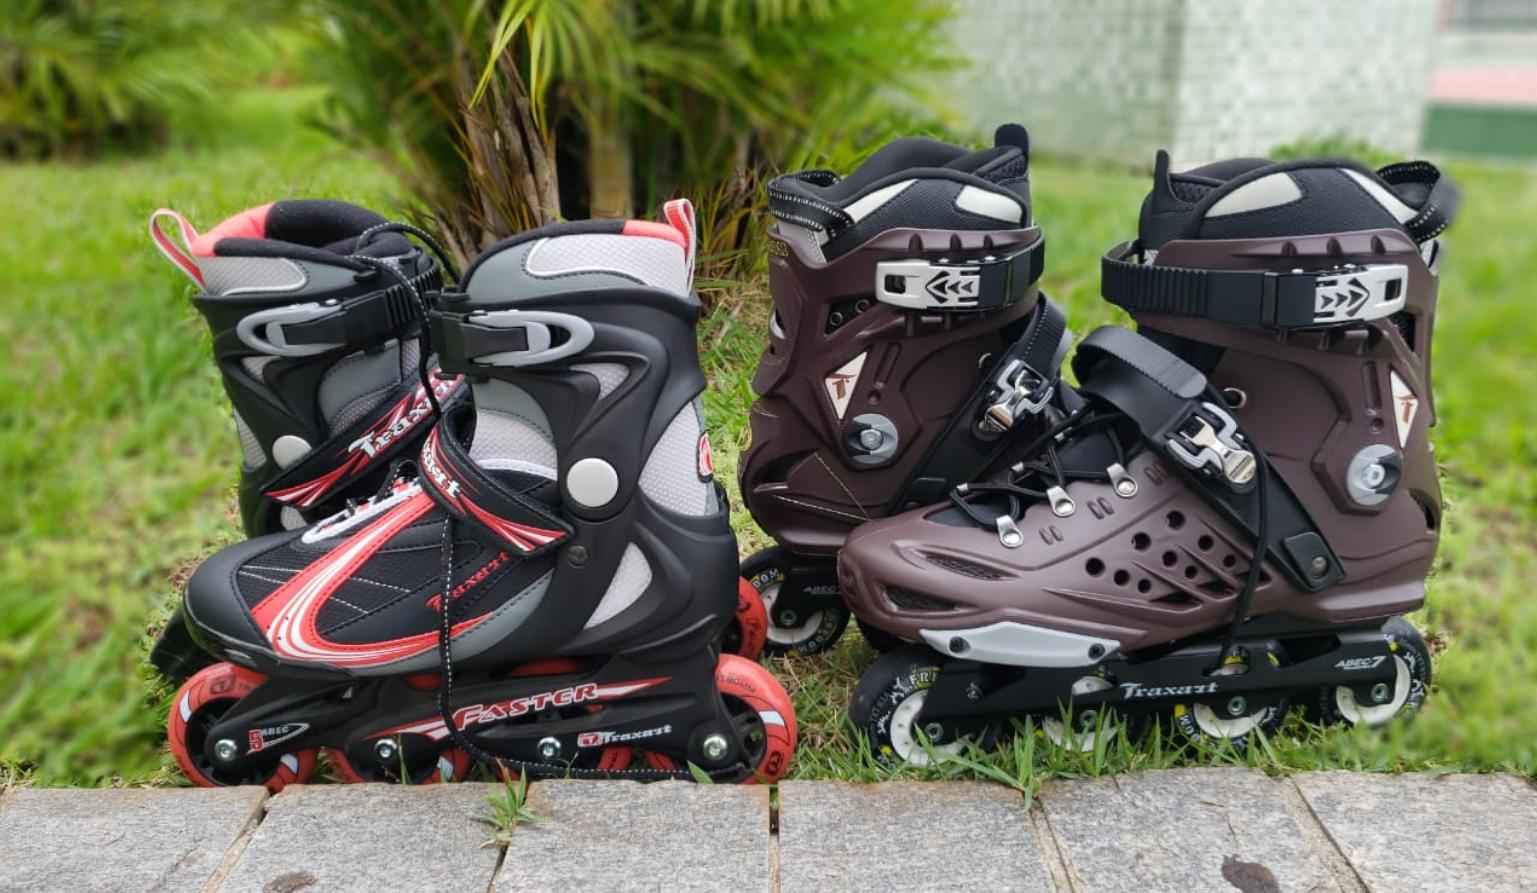 Especial | Nossa experiência com o patins Traxart Faster